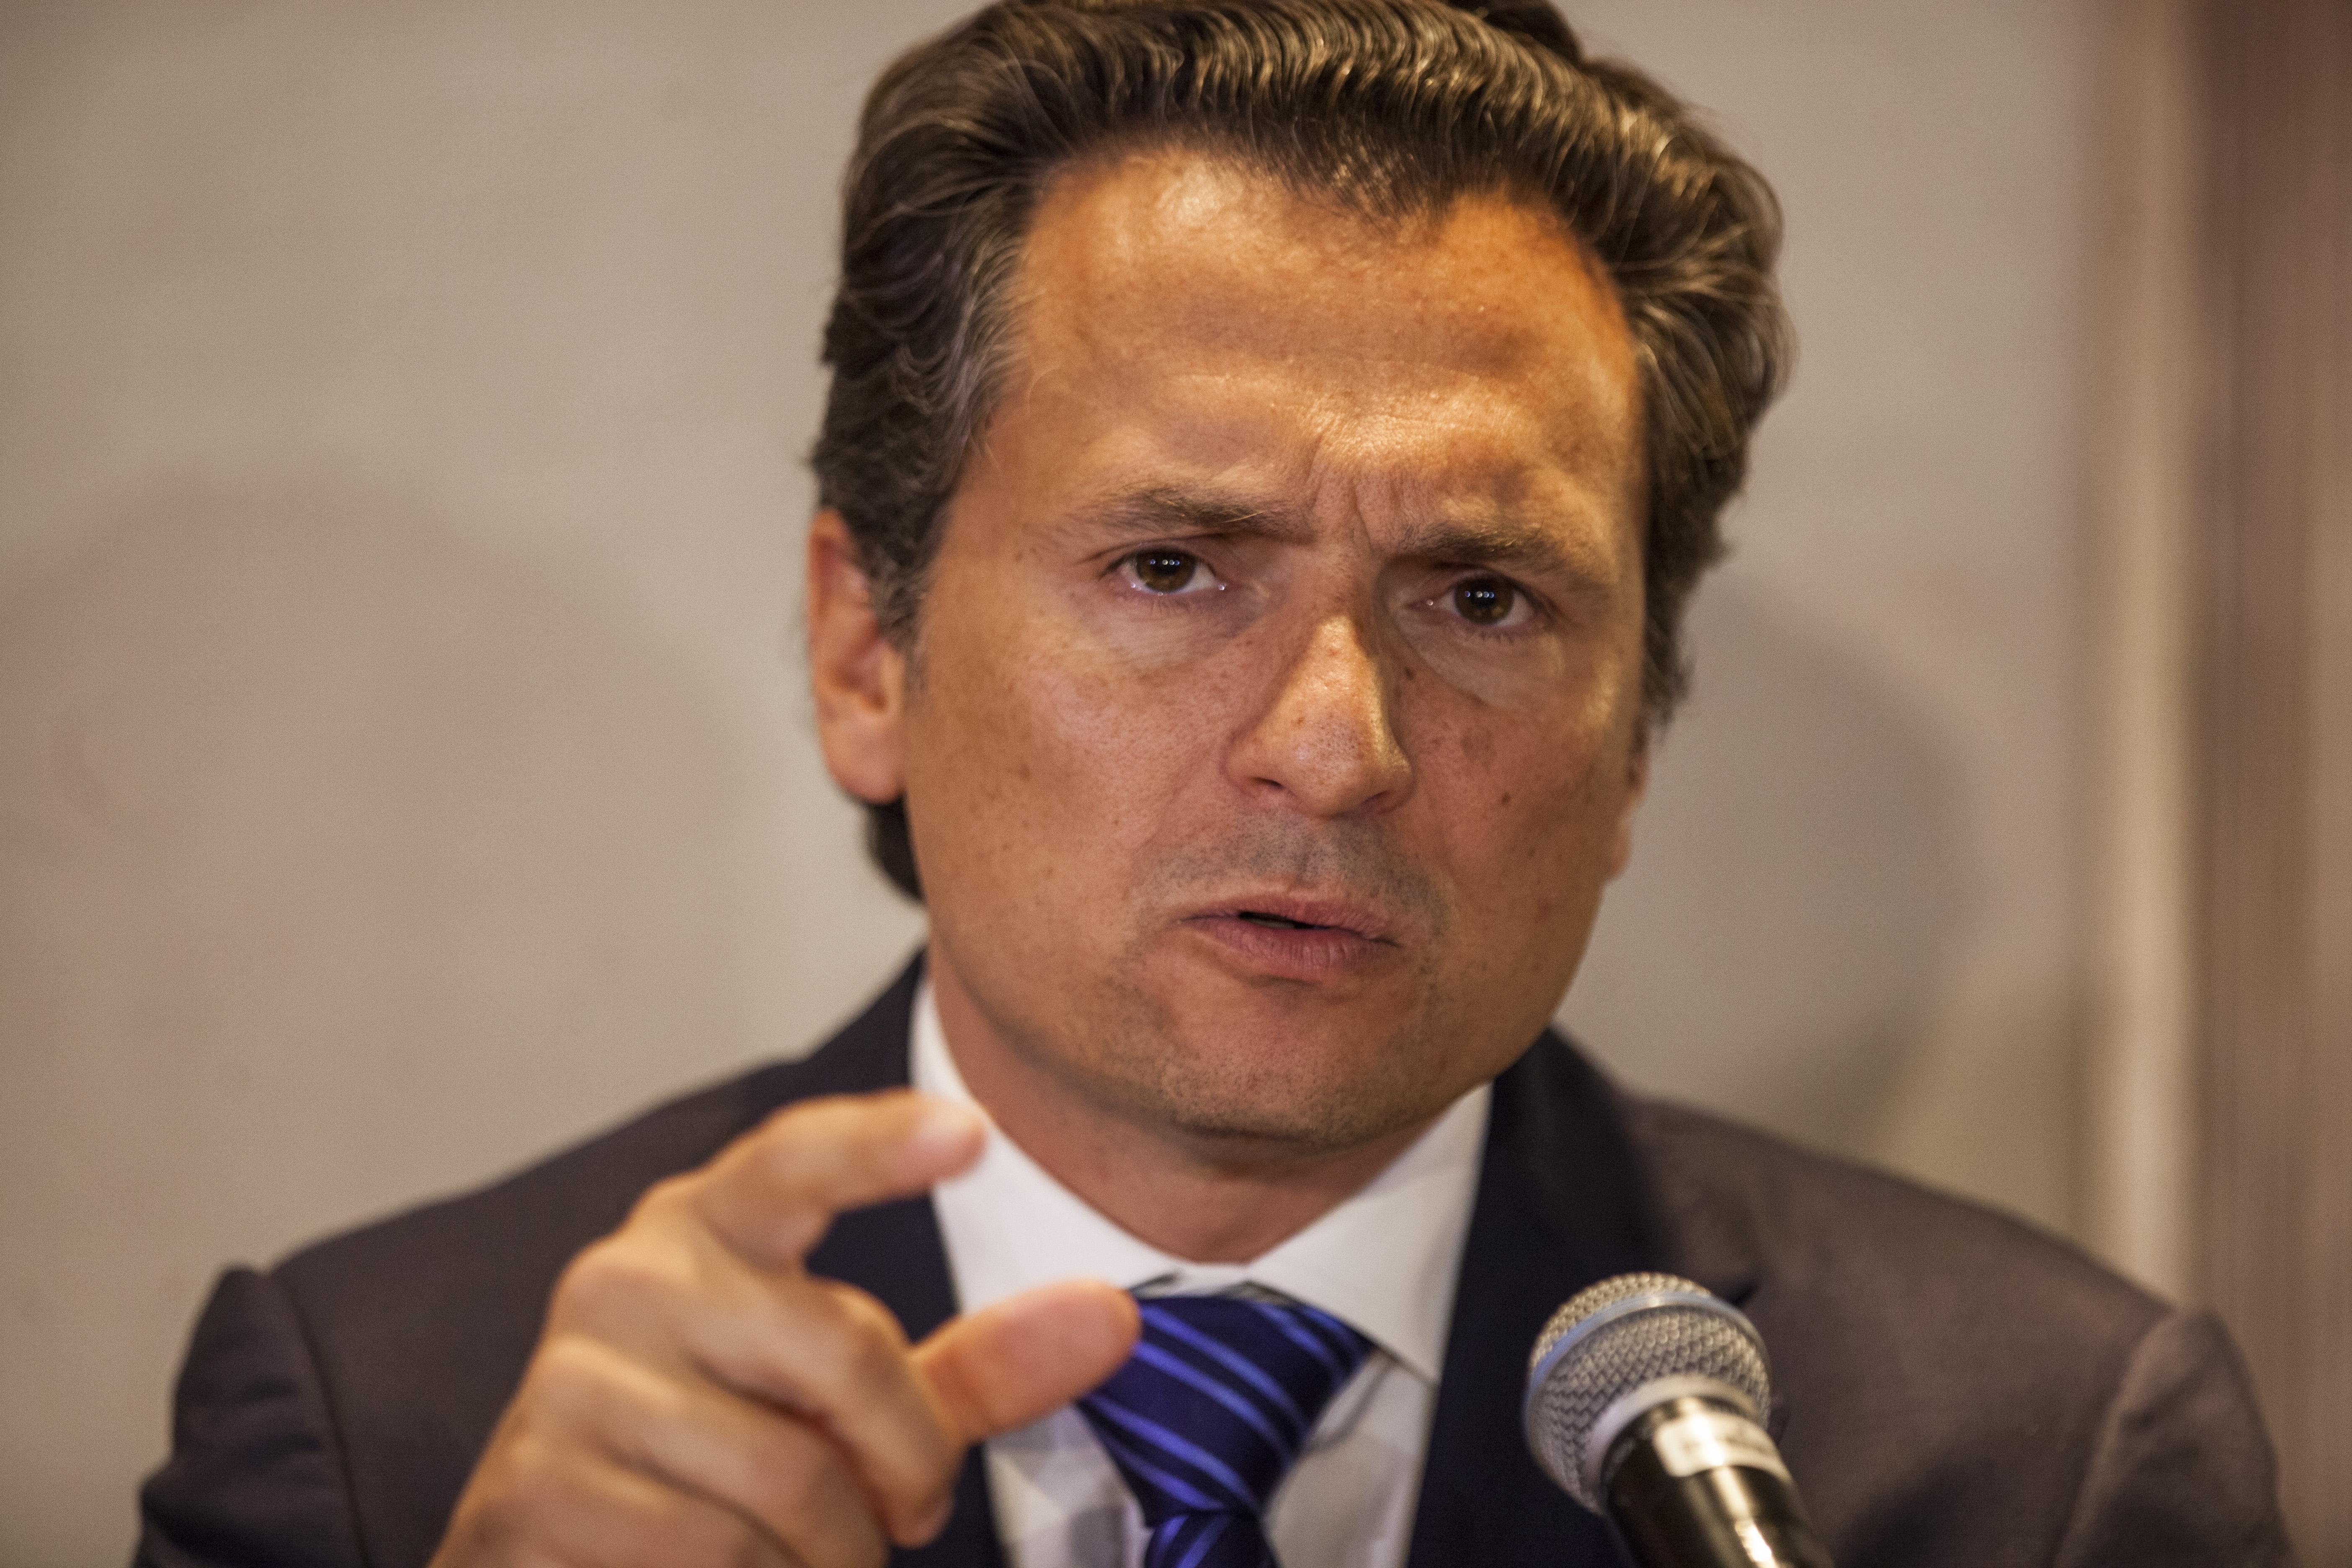 Ofrece conferencia el ex director de Pemex, Emilio Lozoya Austin